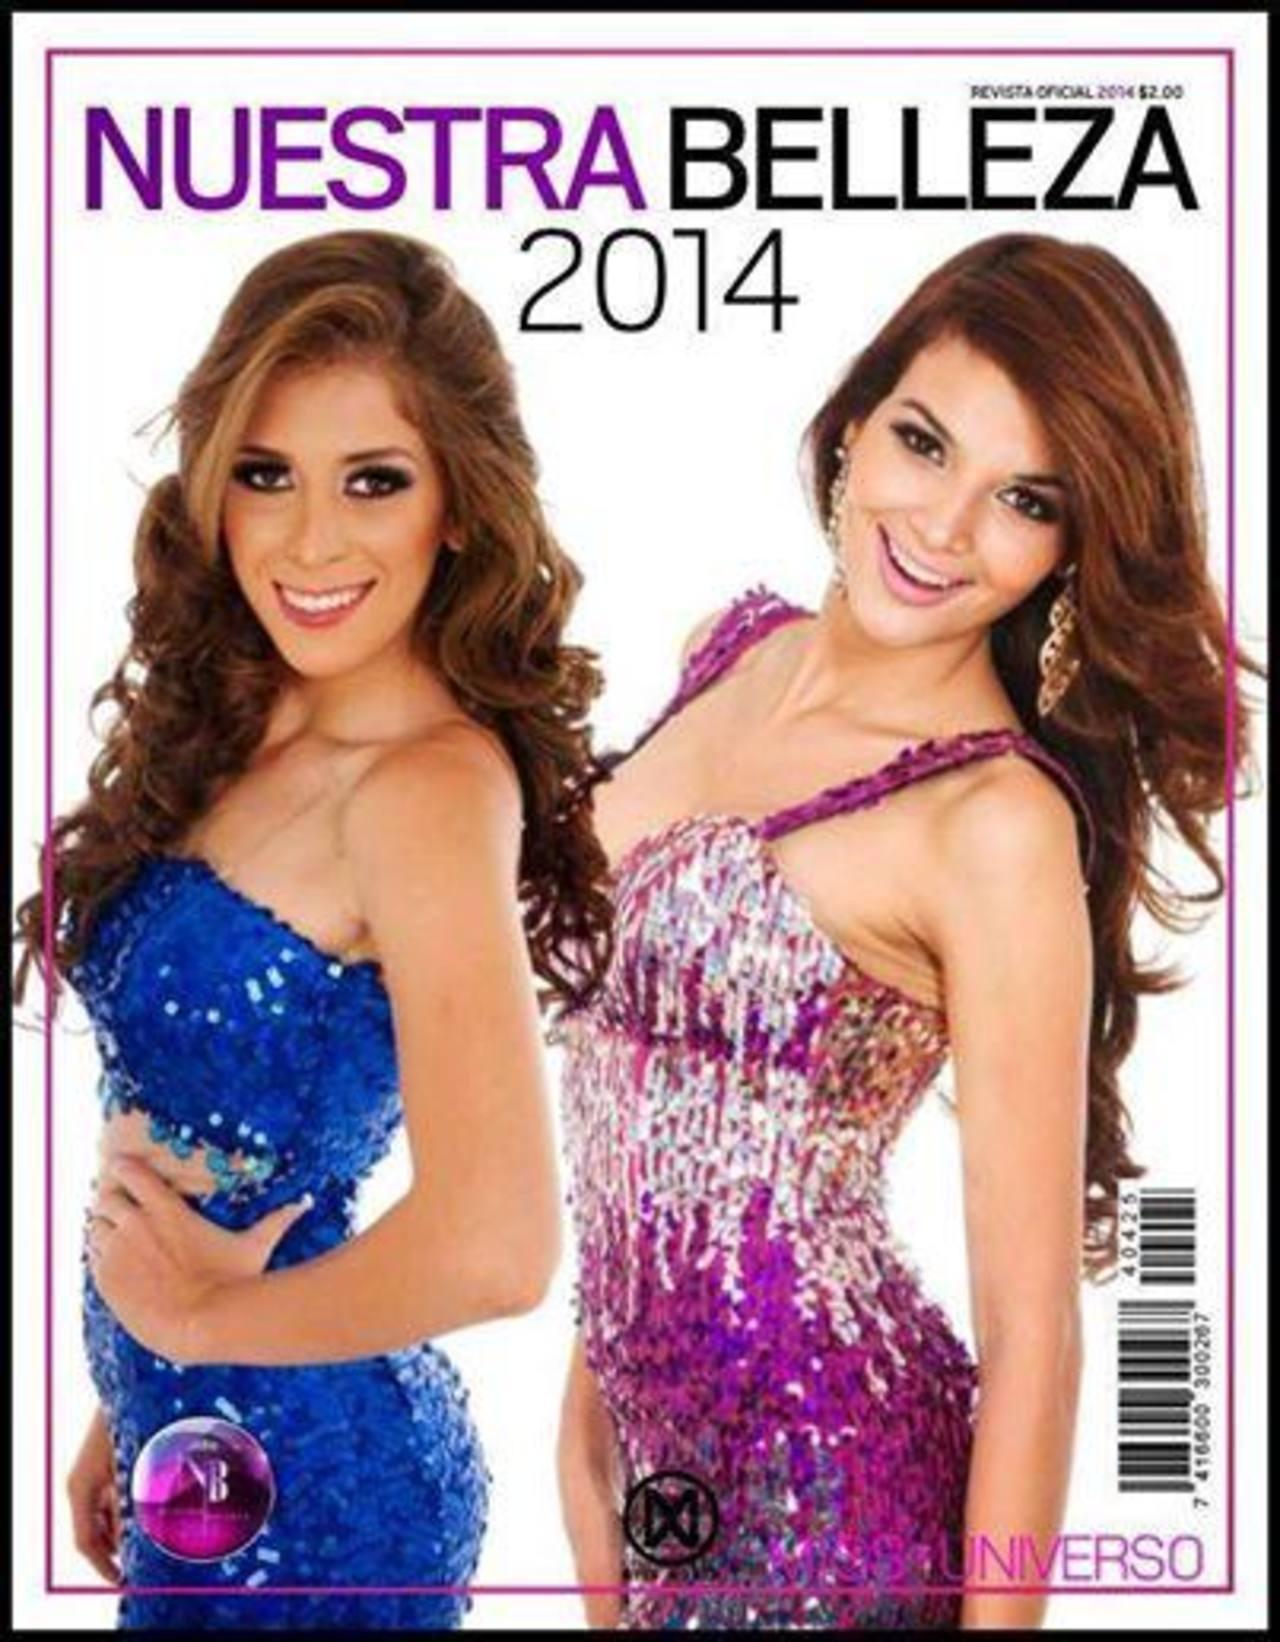 Nuestra Belleza ya tiene su revista oficial